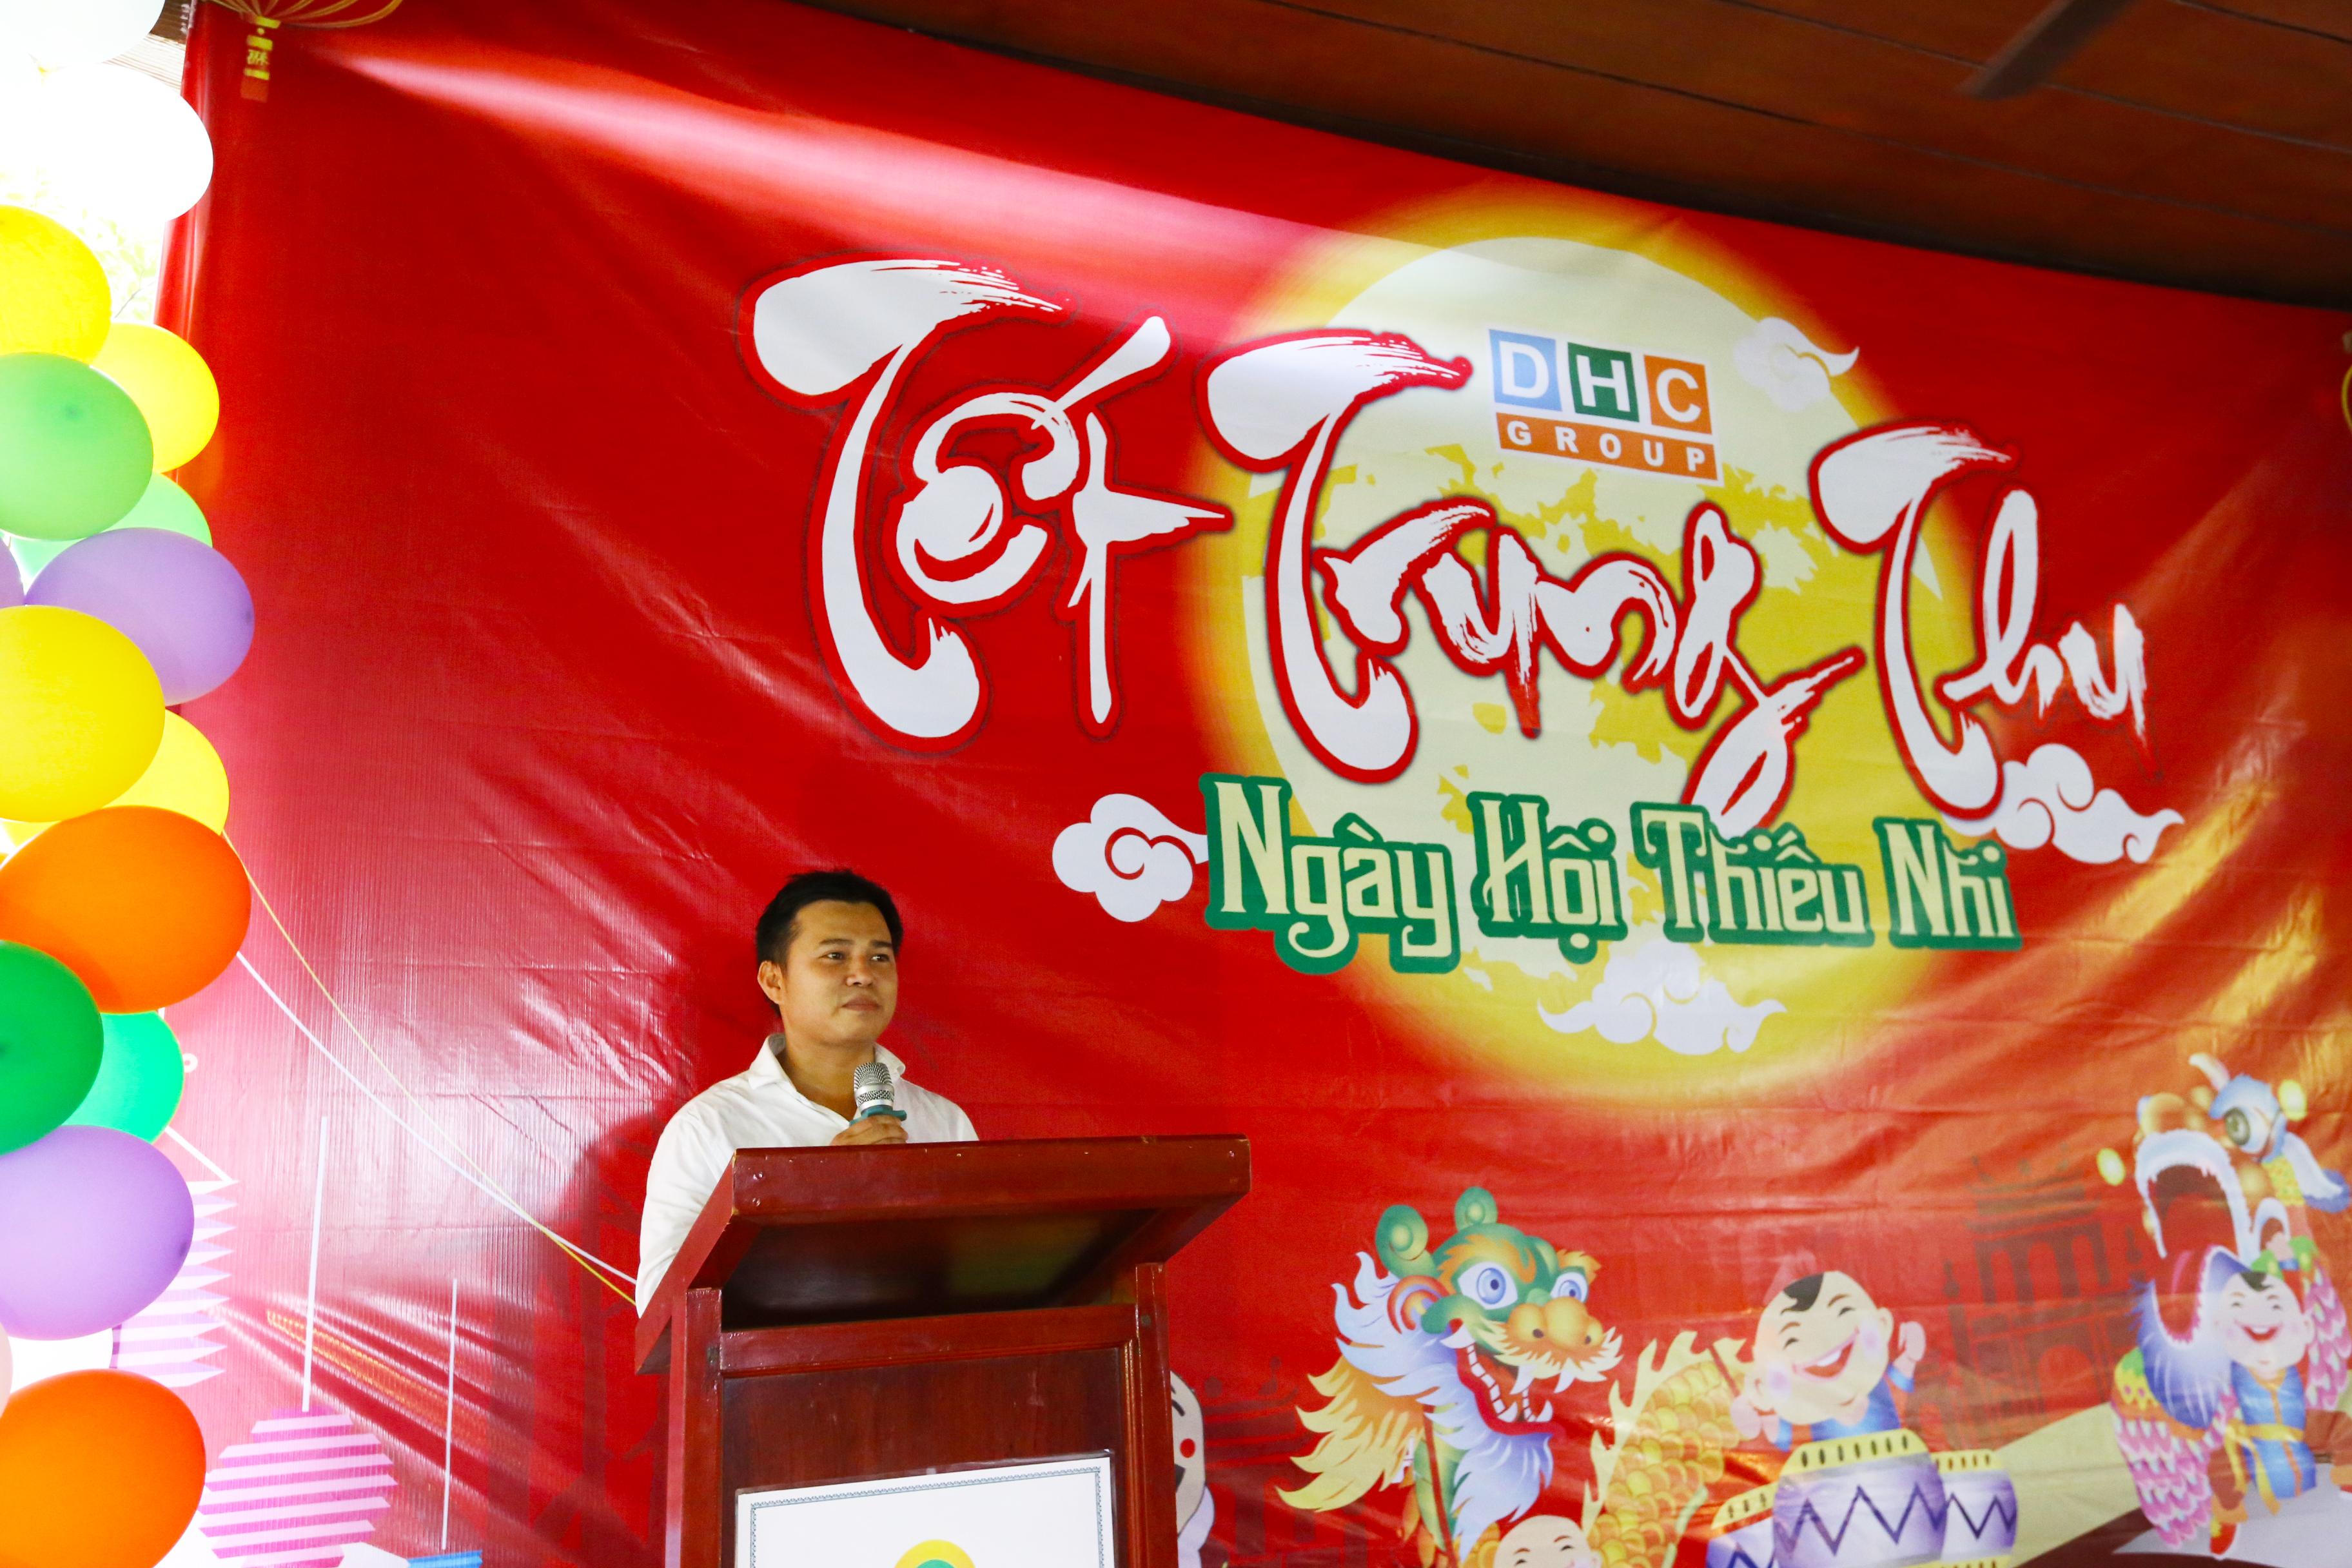 Ông Lê Phú Linh – Chủ tịch công đoàn phát biểu mở đầu chương trình